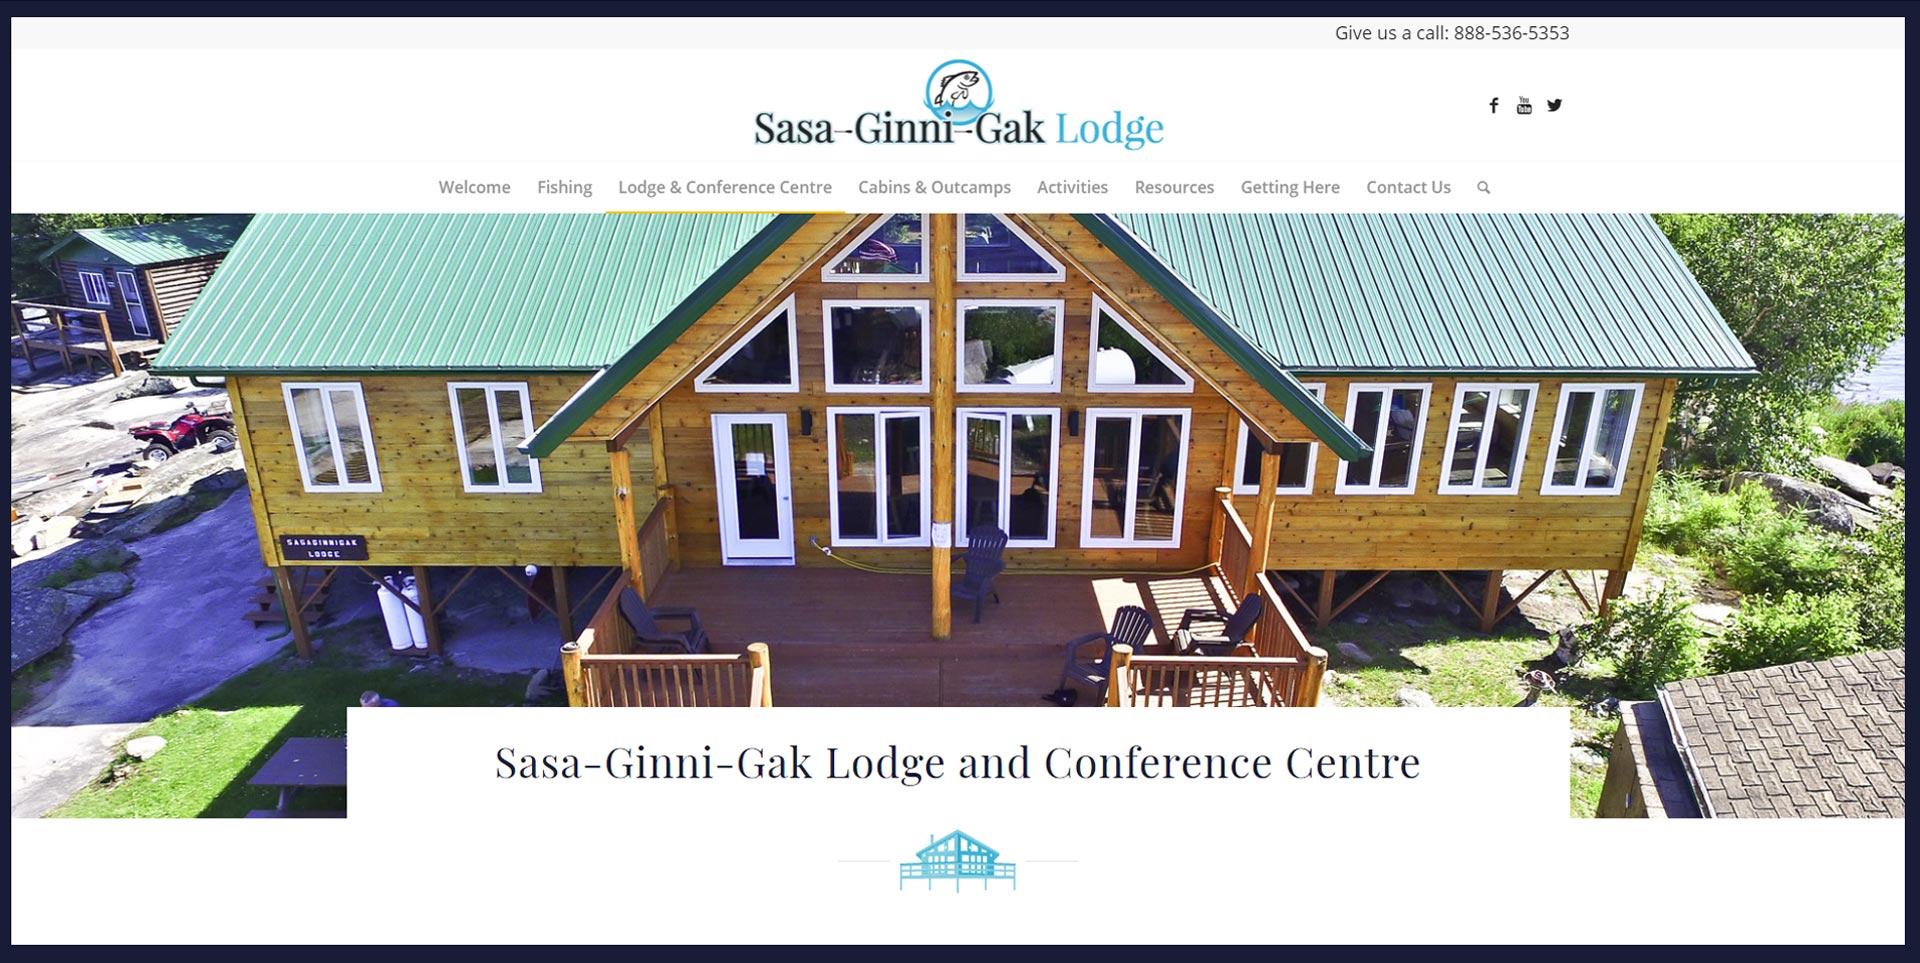 Sasa-Ginni-Gak-Lodge